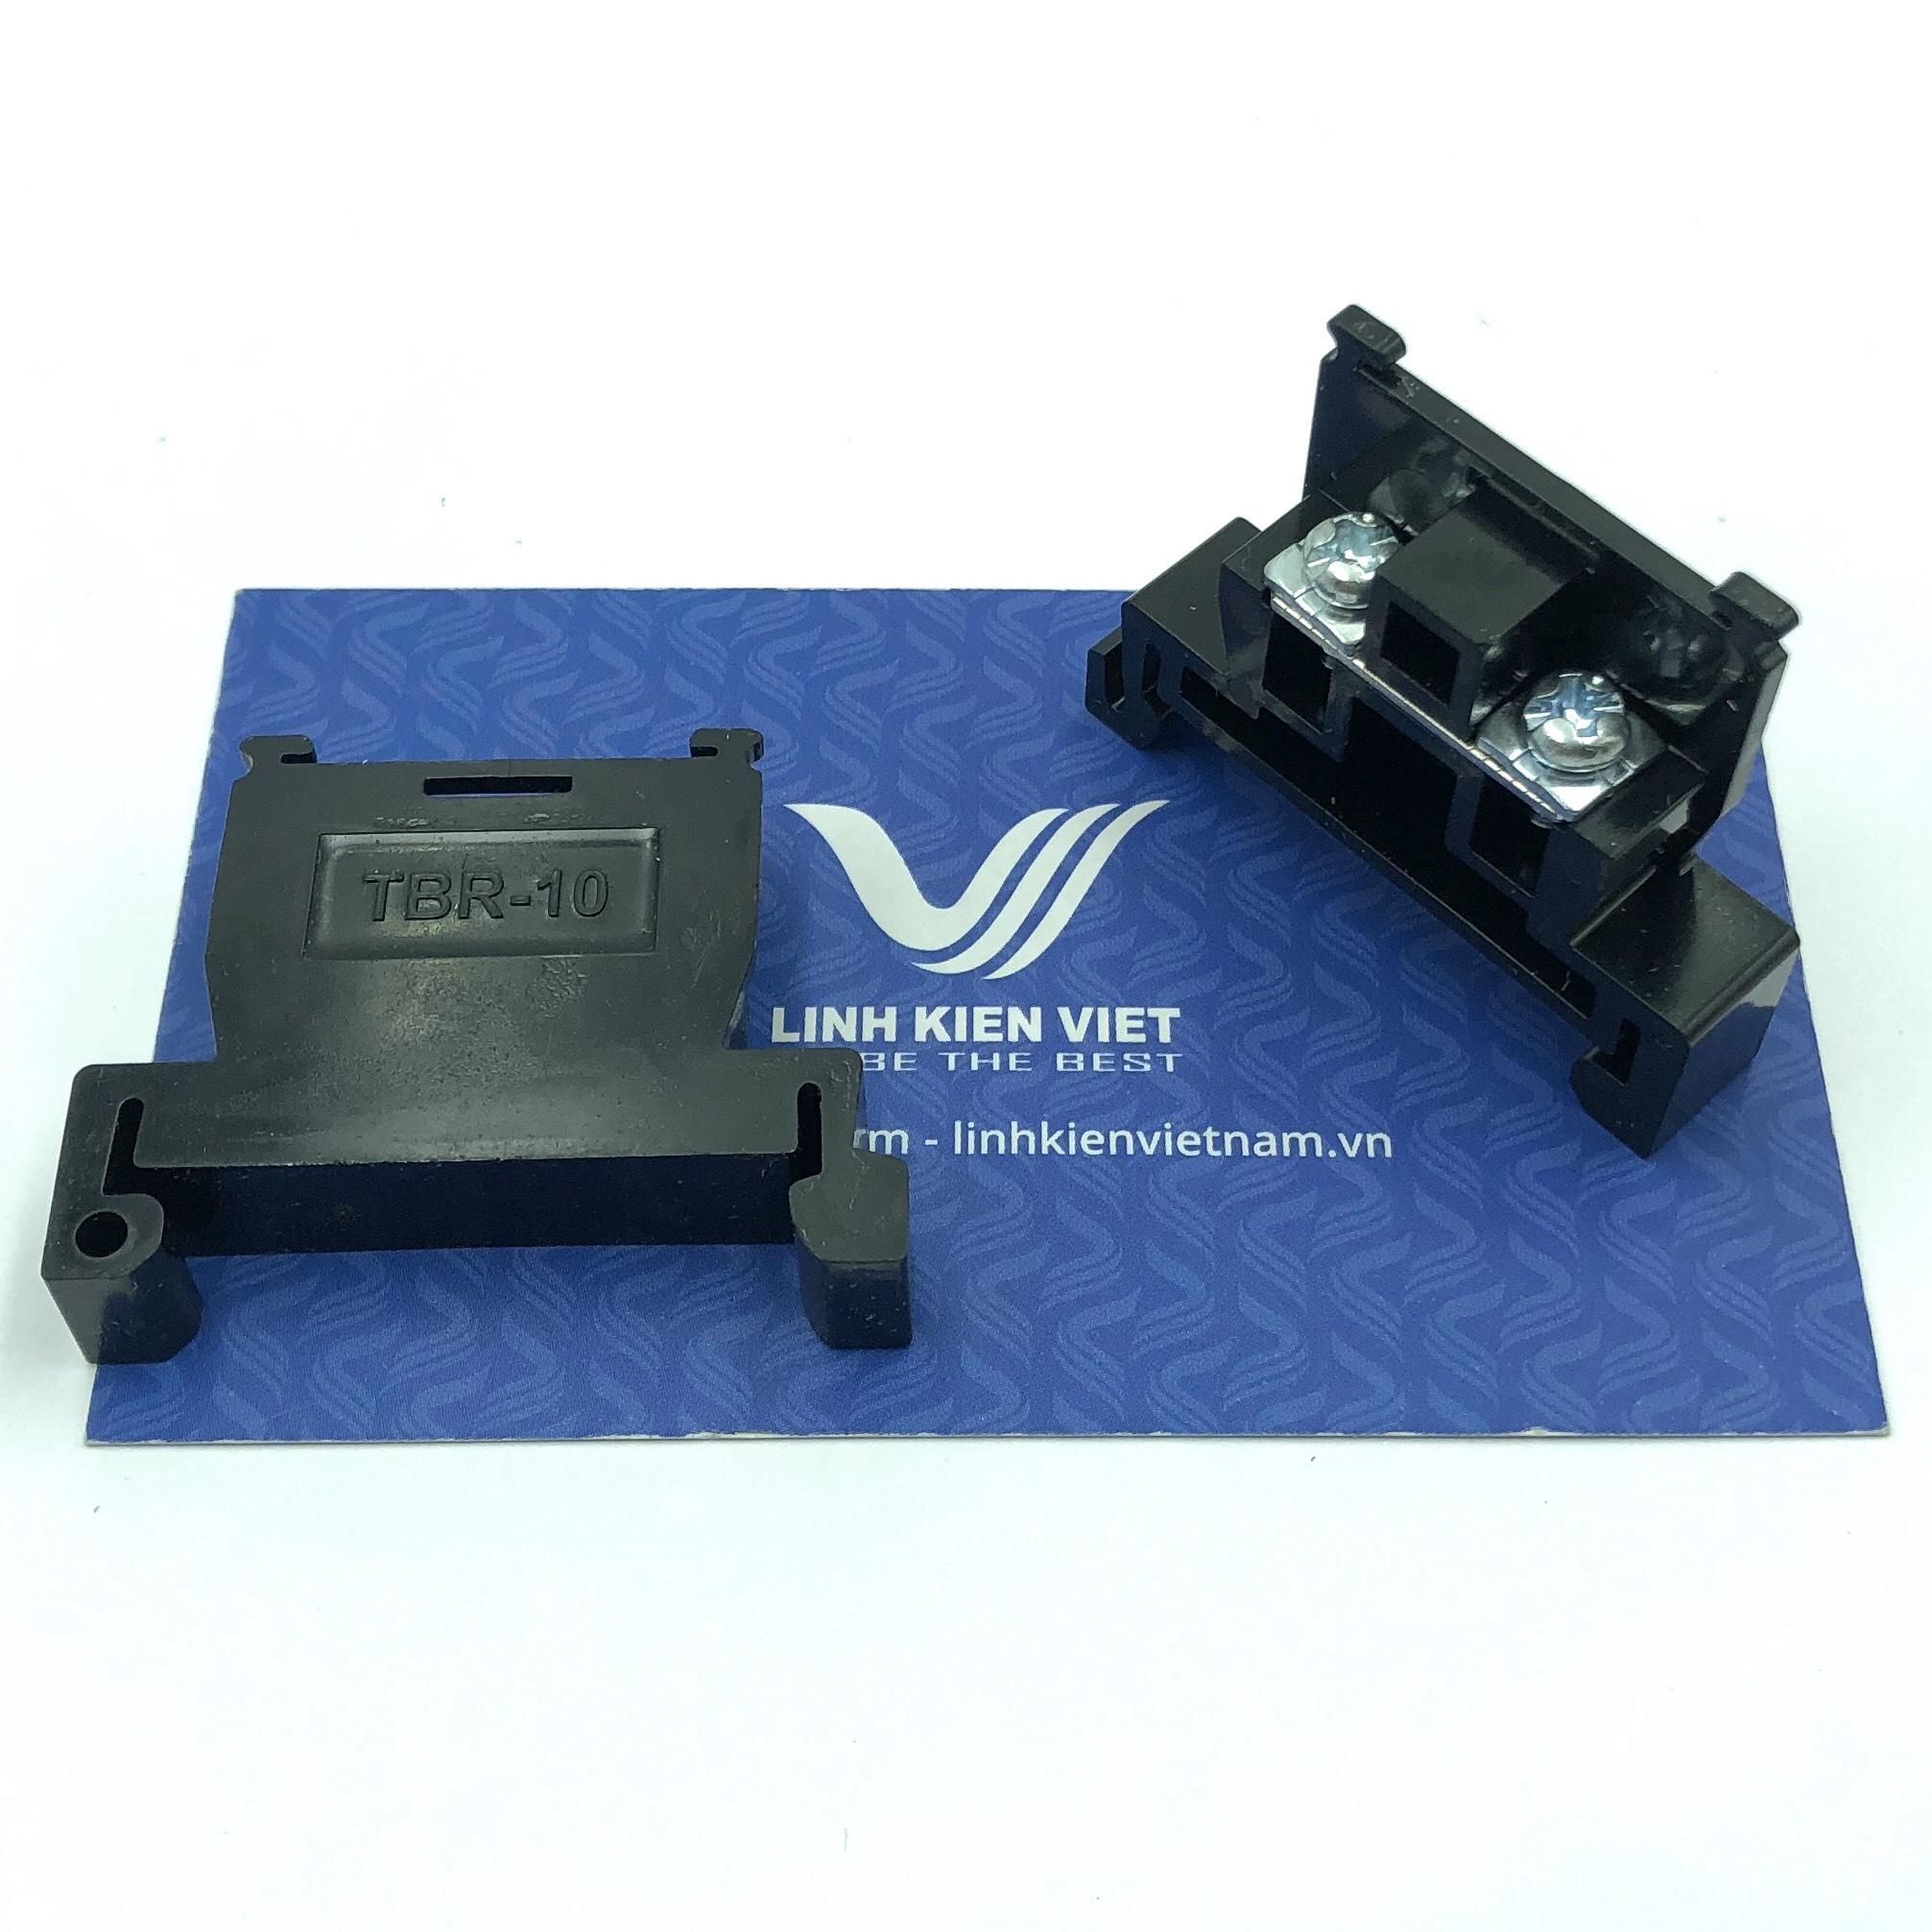 Cầu đấu dây đơn TBR-10 / X4H21